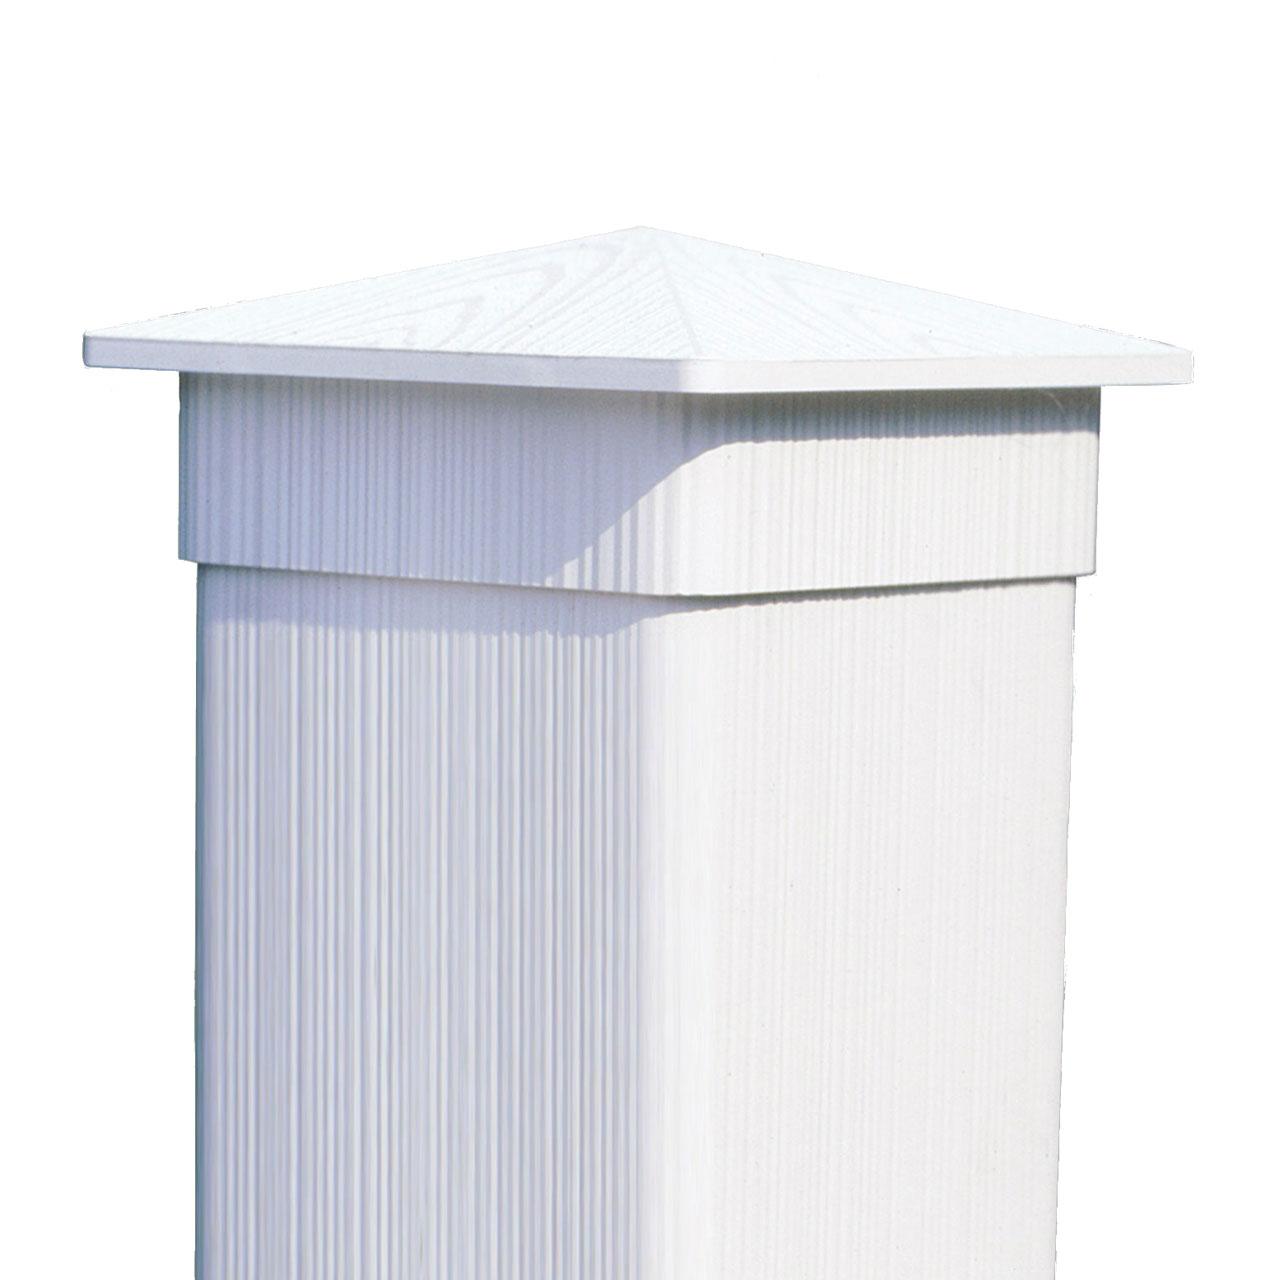 kunststoff pfosten 10x10cm coventry wei gr n oder. Black Bedroom Furniture Sets. Home Design Ideas